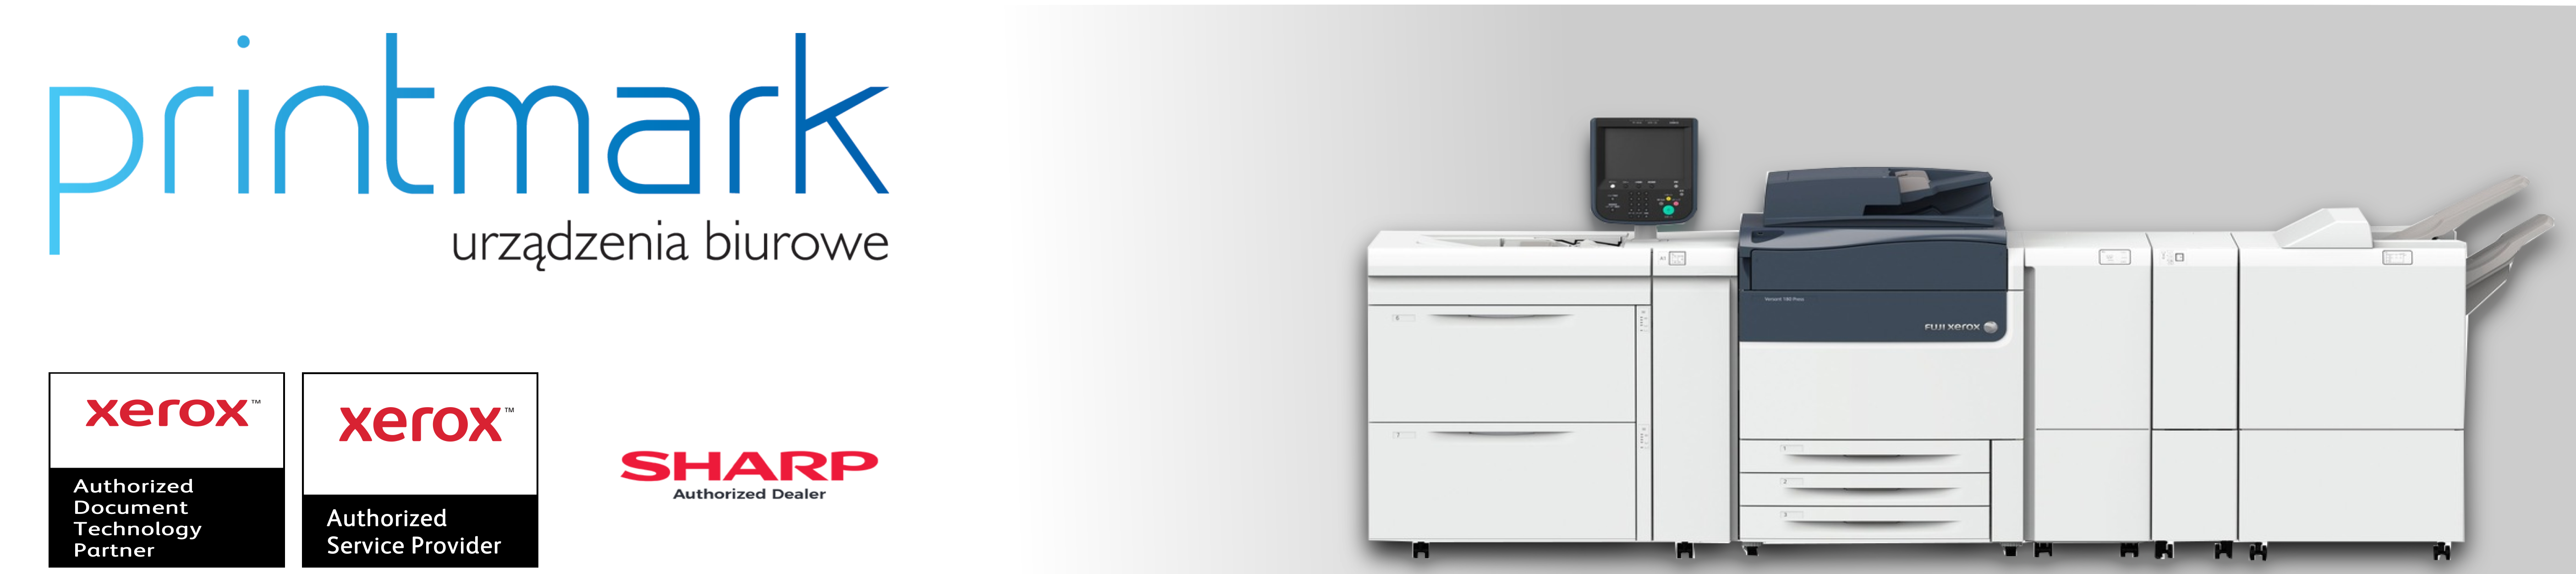 Printmark - urządzenia biurowe, sprzedaż i serwis